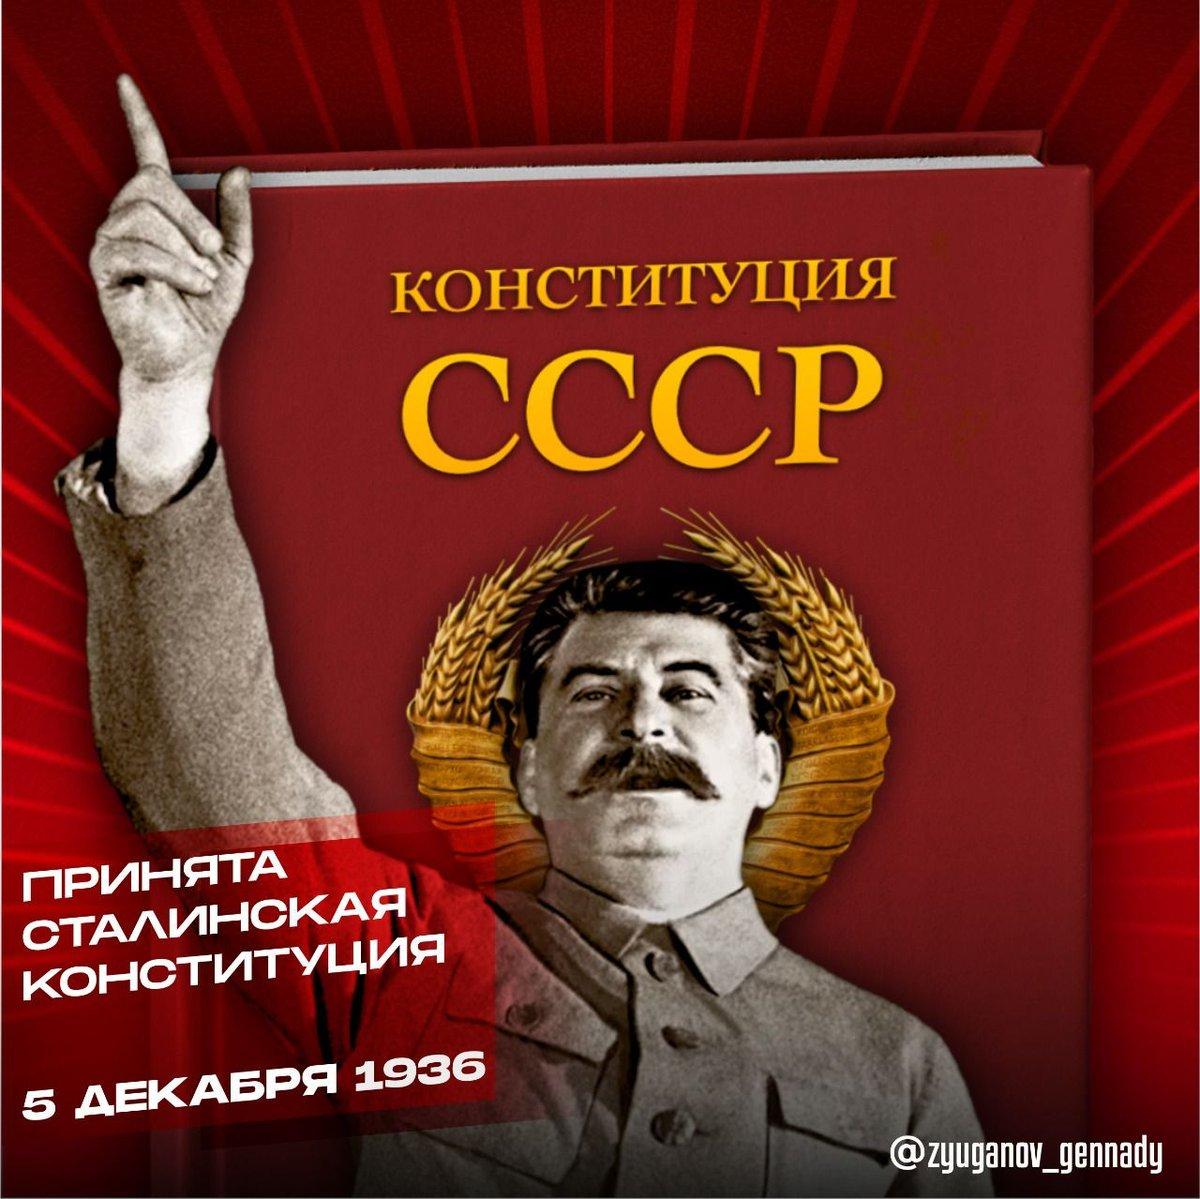 ❗️5 декабря 1936 года в СССР была принята Сталинская Конституция. Таких прав и свобод, которые были обеспечены советским гражданам, не имел ни один другой народ на планете. ❗️❗️❗️Когда КПРФ придёт к власти, мы вернём людям все то, что гарантировало им Советское государство! https://t.co/f1oNXd8mMK